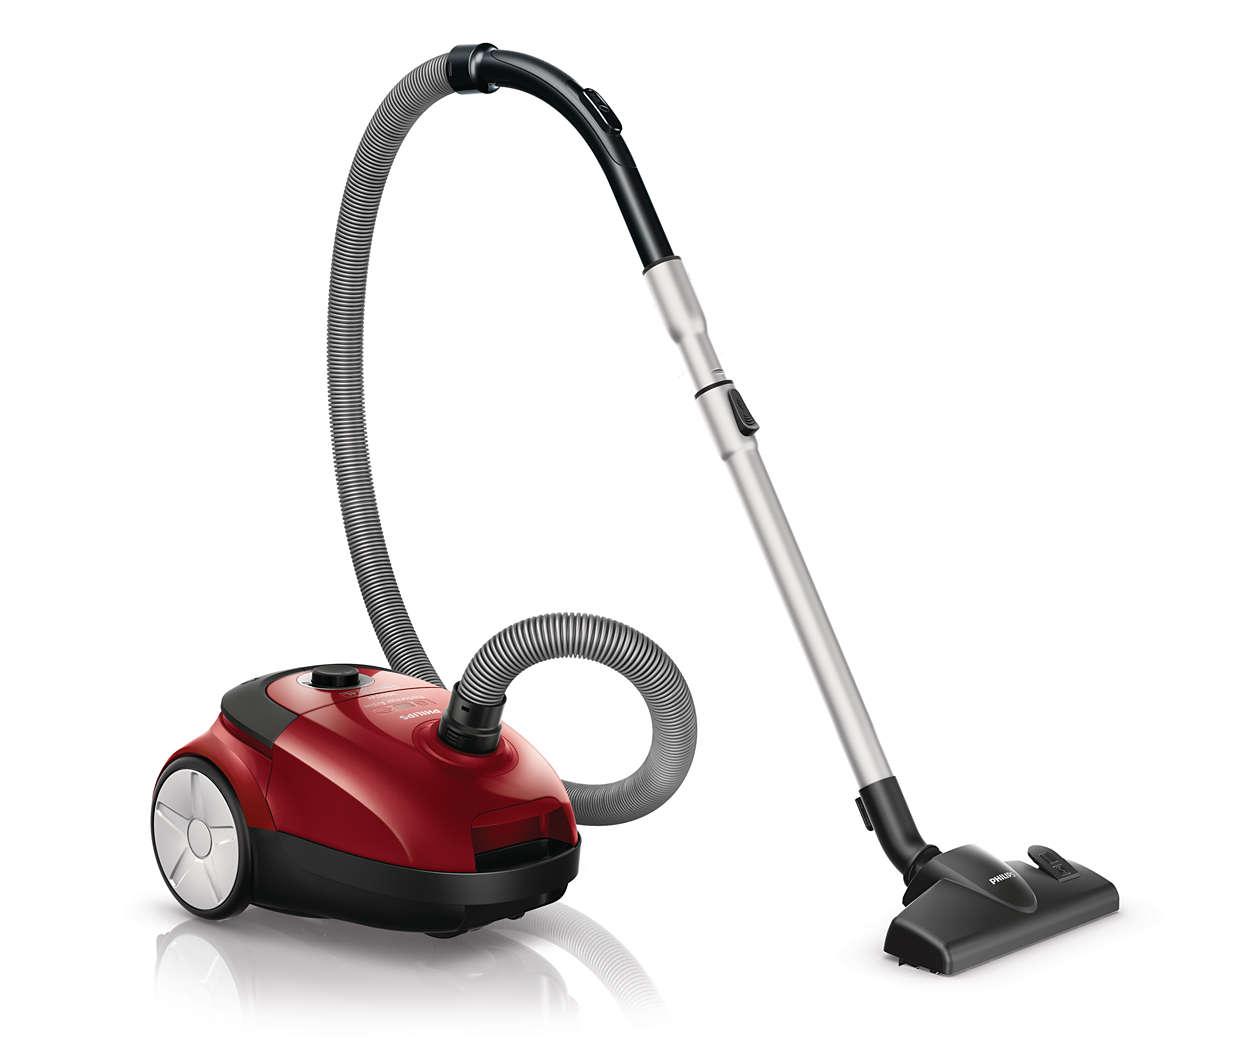 Maksimal sugestyrke for bedre rengøringsresultater*